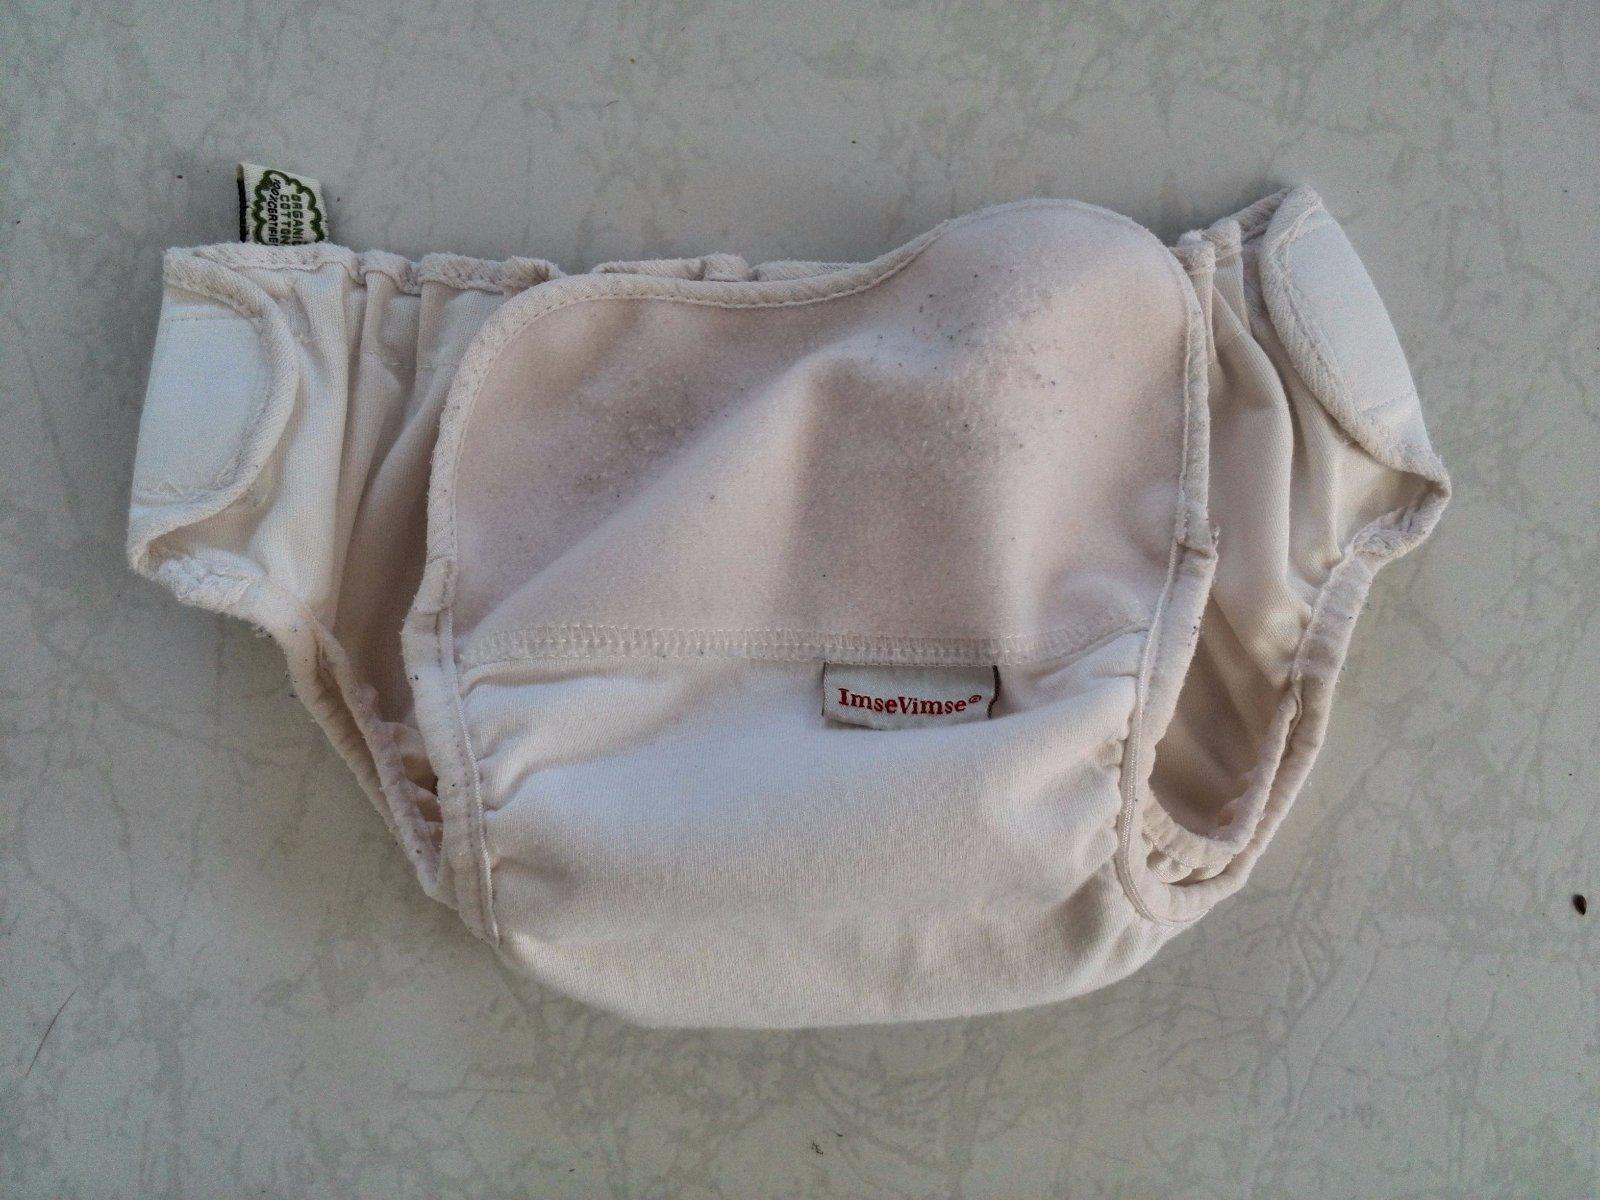 0f799ea6543 Svrchní kalhotky imse vimse organic s bílé